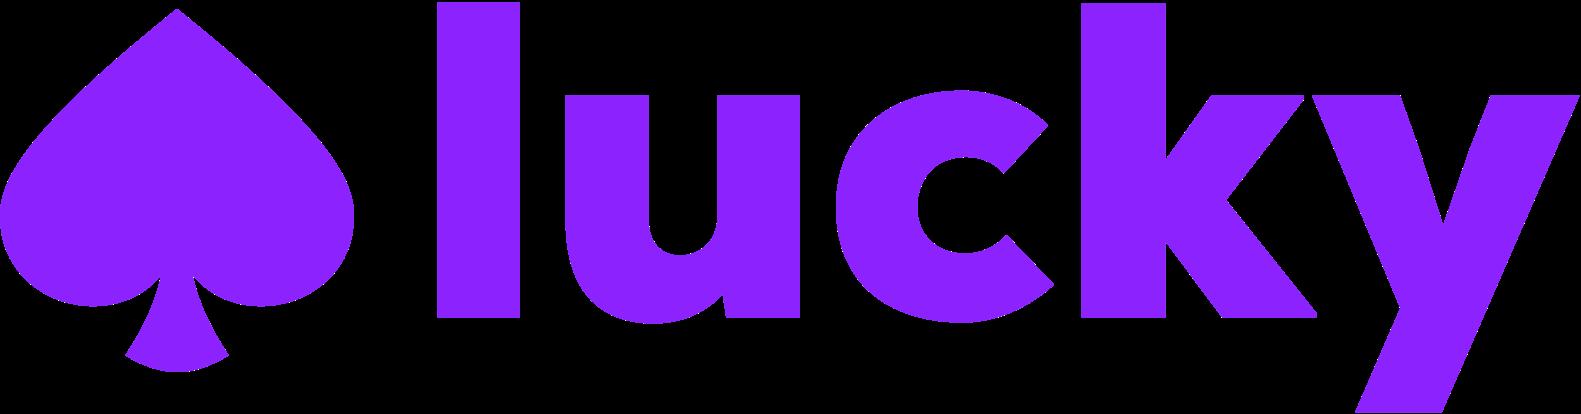 Lucky Mobility's logo